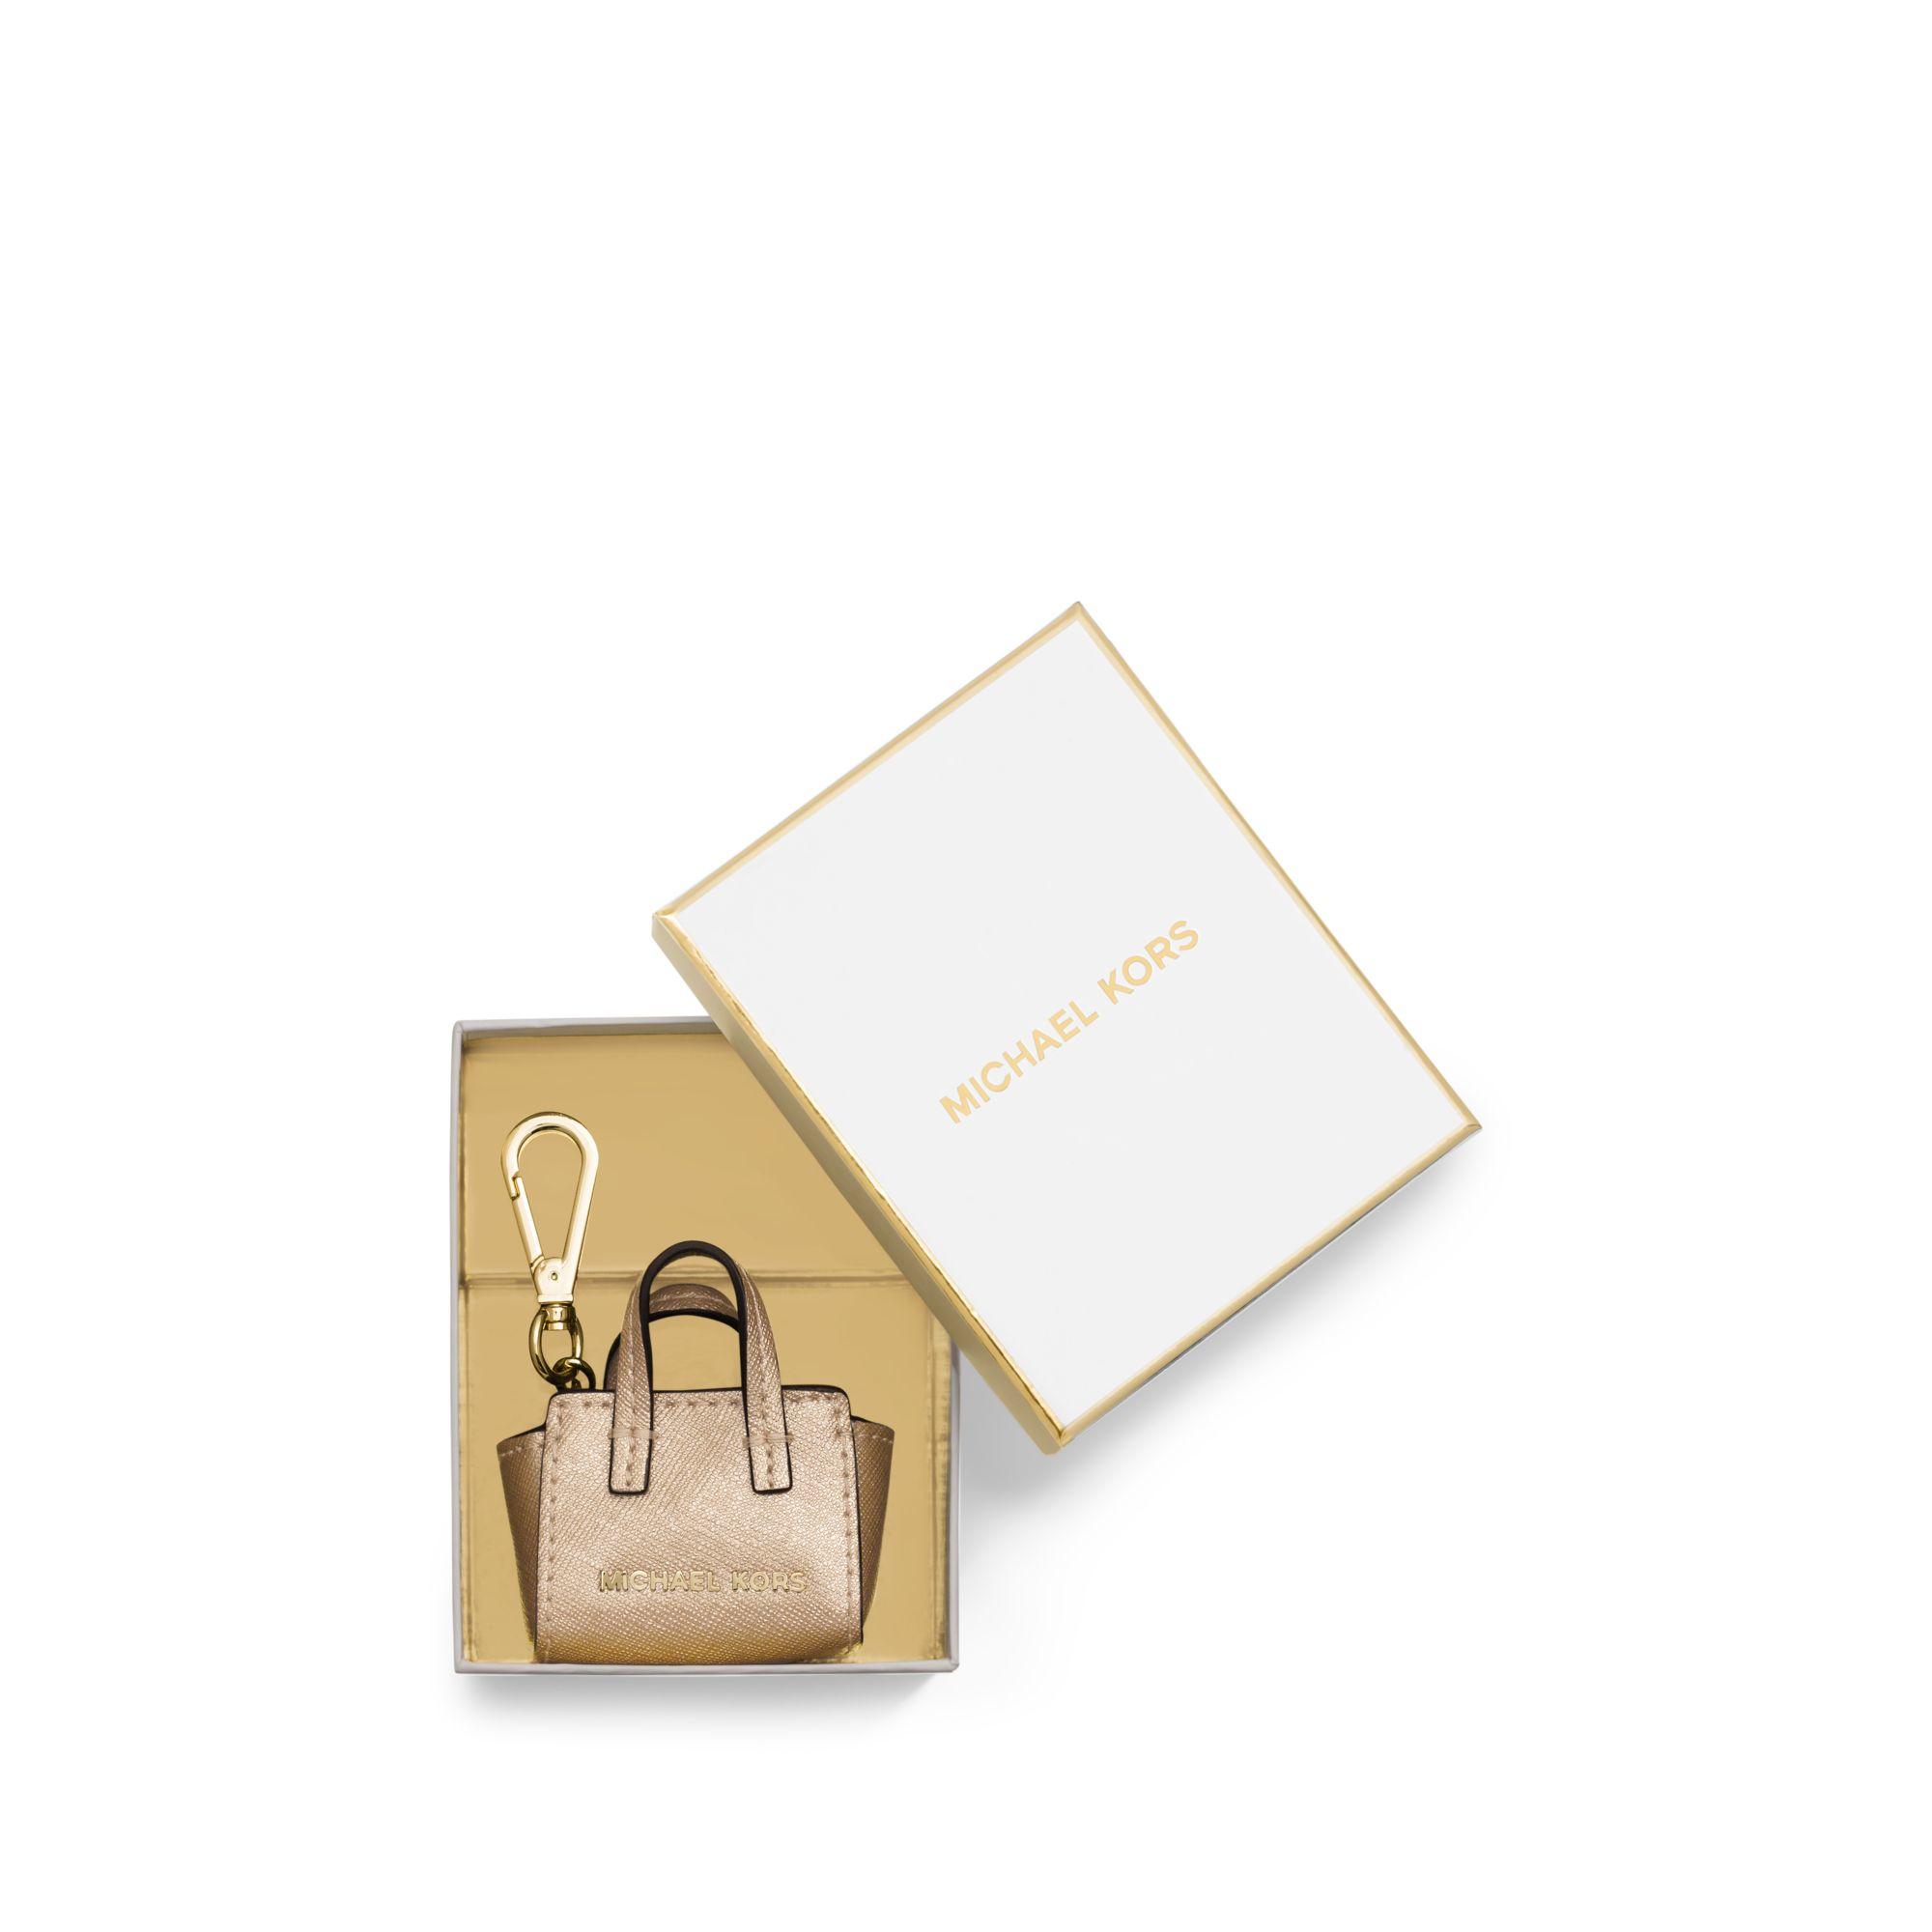 cf1825350b88 Mini Purse Keychain Michael Kors - Best Purse Image Ccdbb.Org